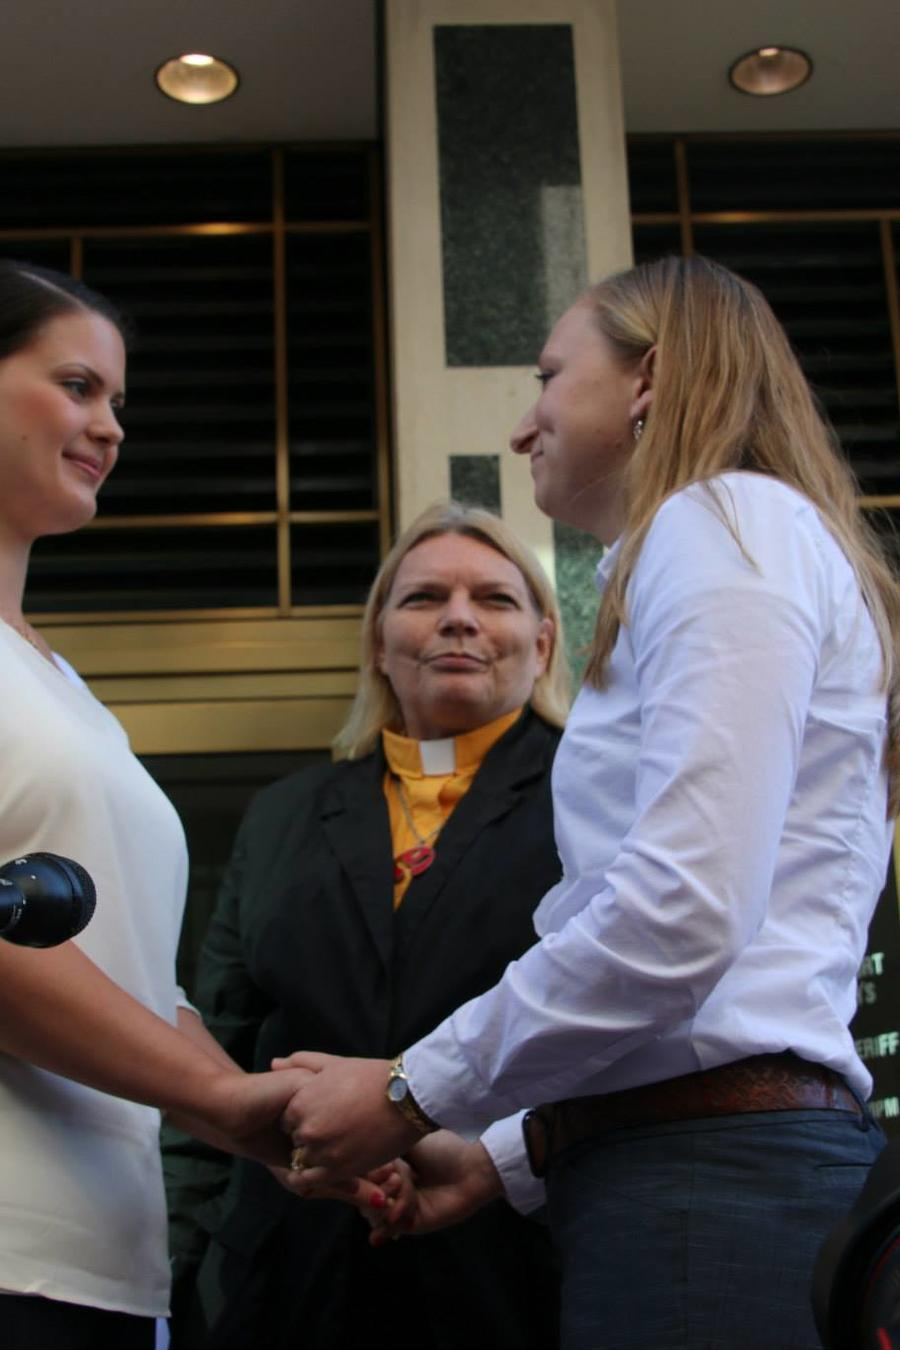 En 2015, el Tribunal Supremo legalizó los matrimonios gay en todo EEUU, pero varios estados han adoptado leyes para restringir ese derecho.